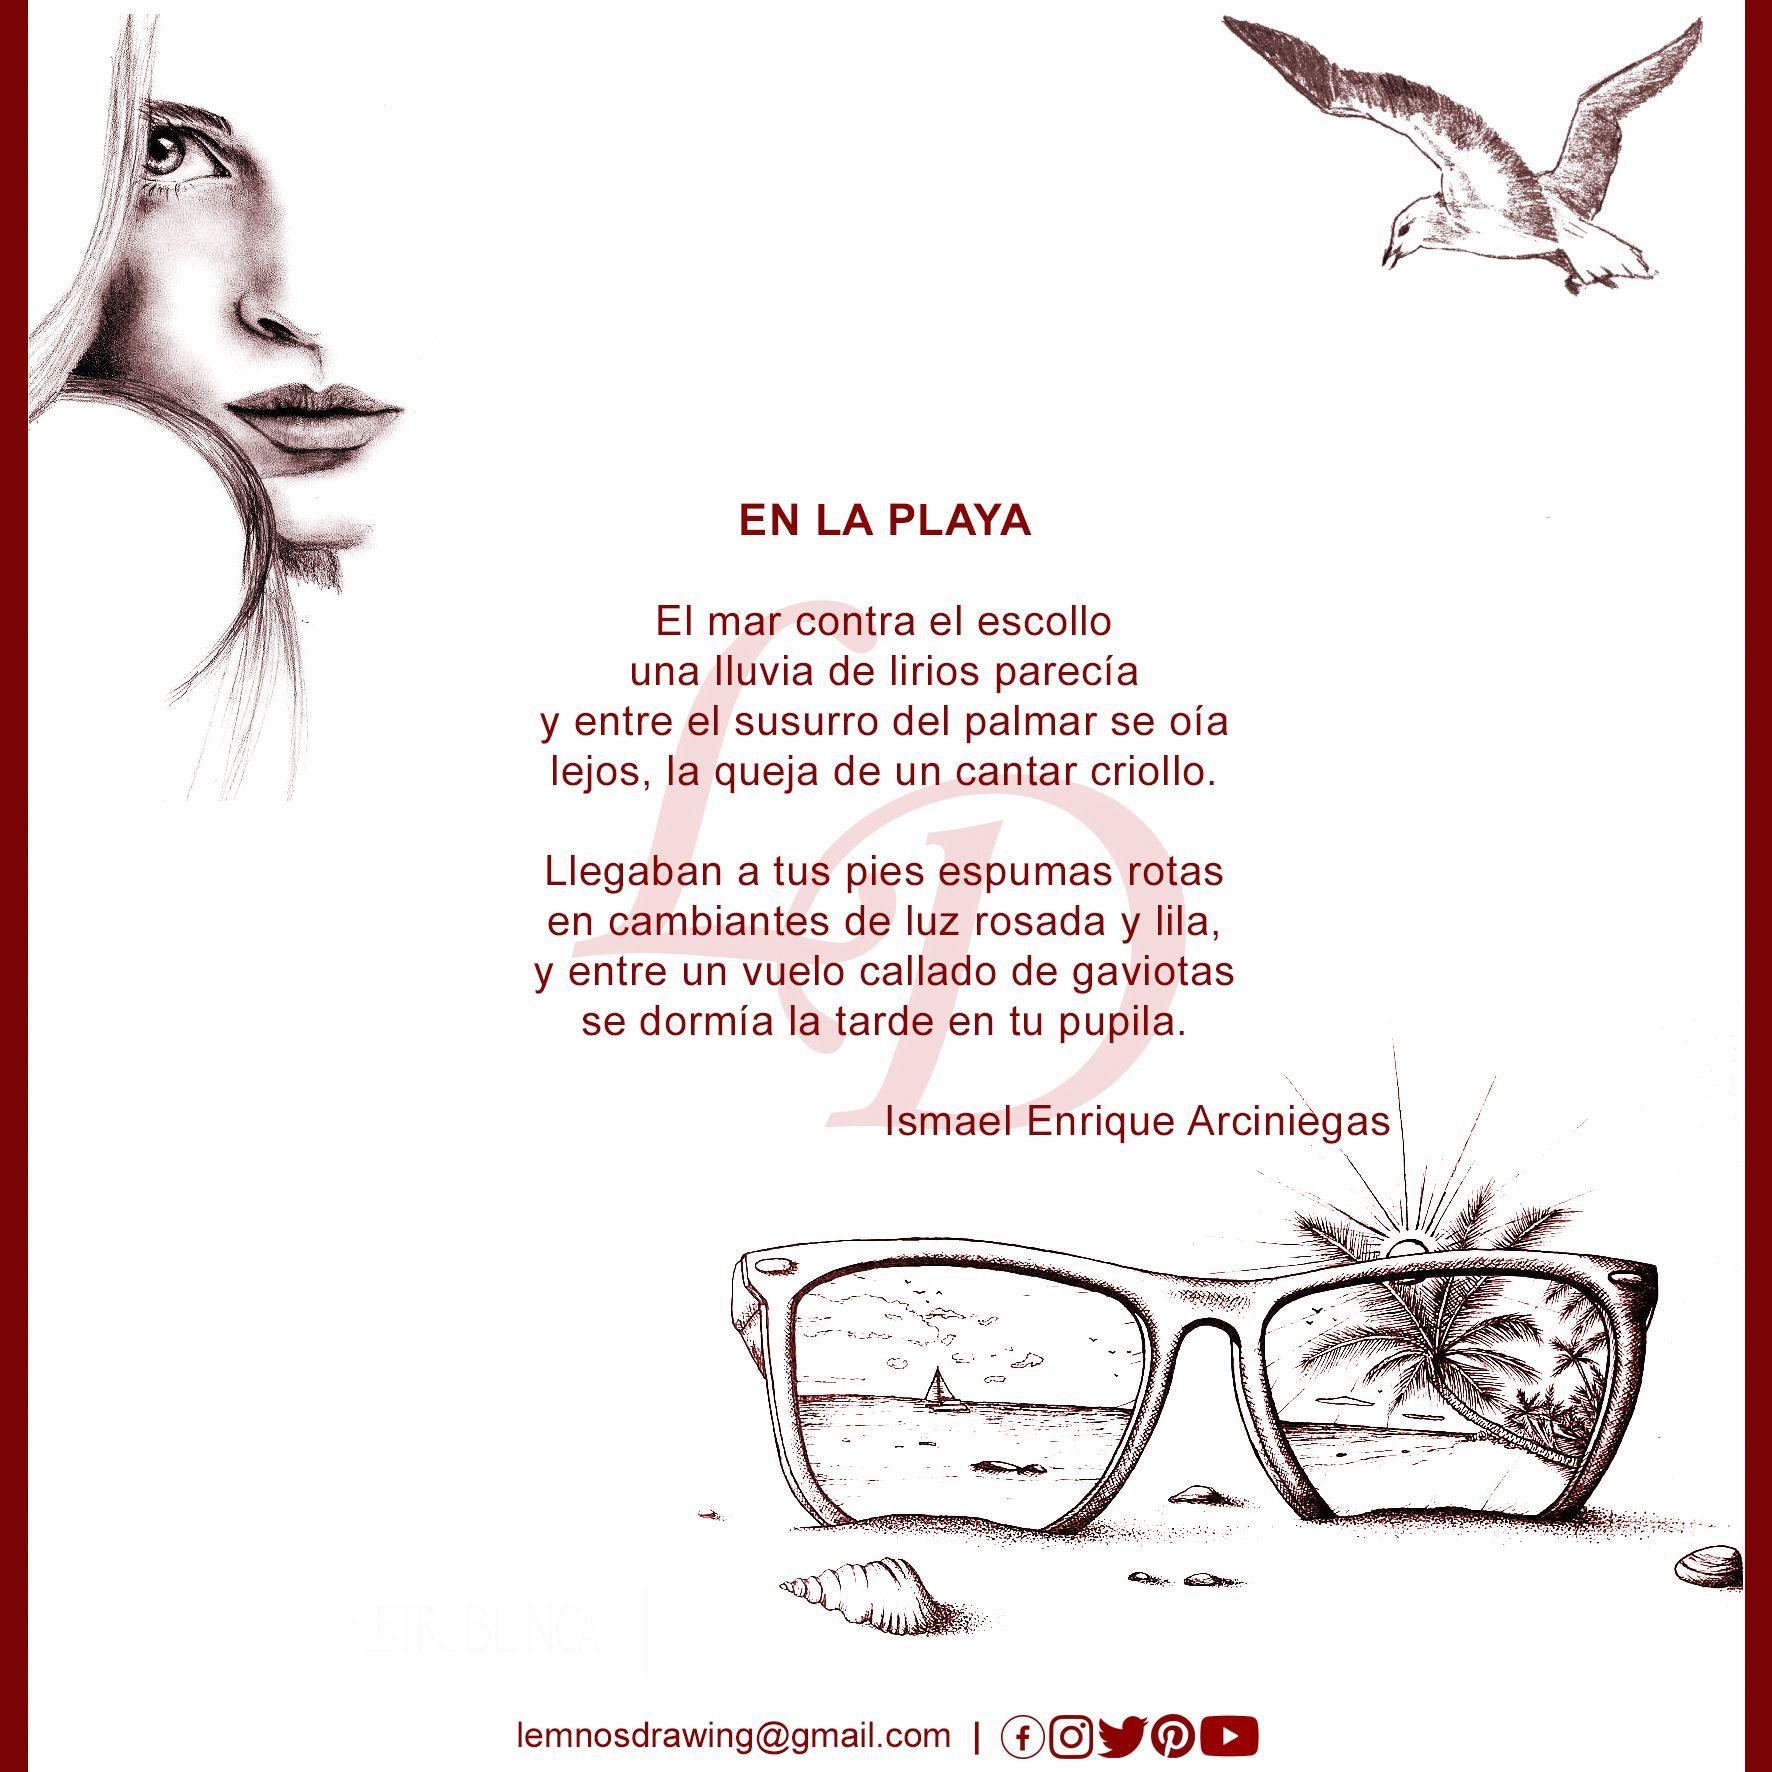 Ismael Enrique Arciniegas Poesía Poemas Sentimientos